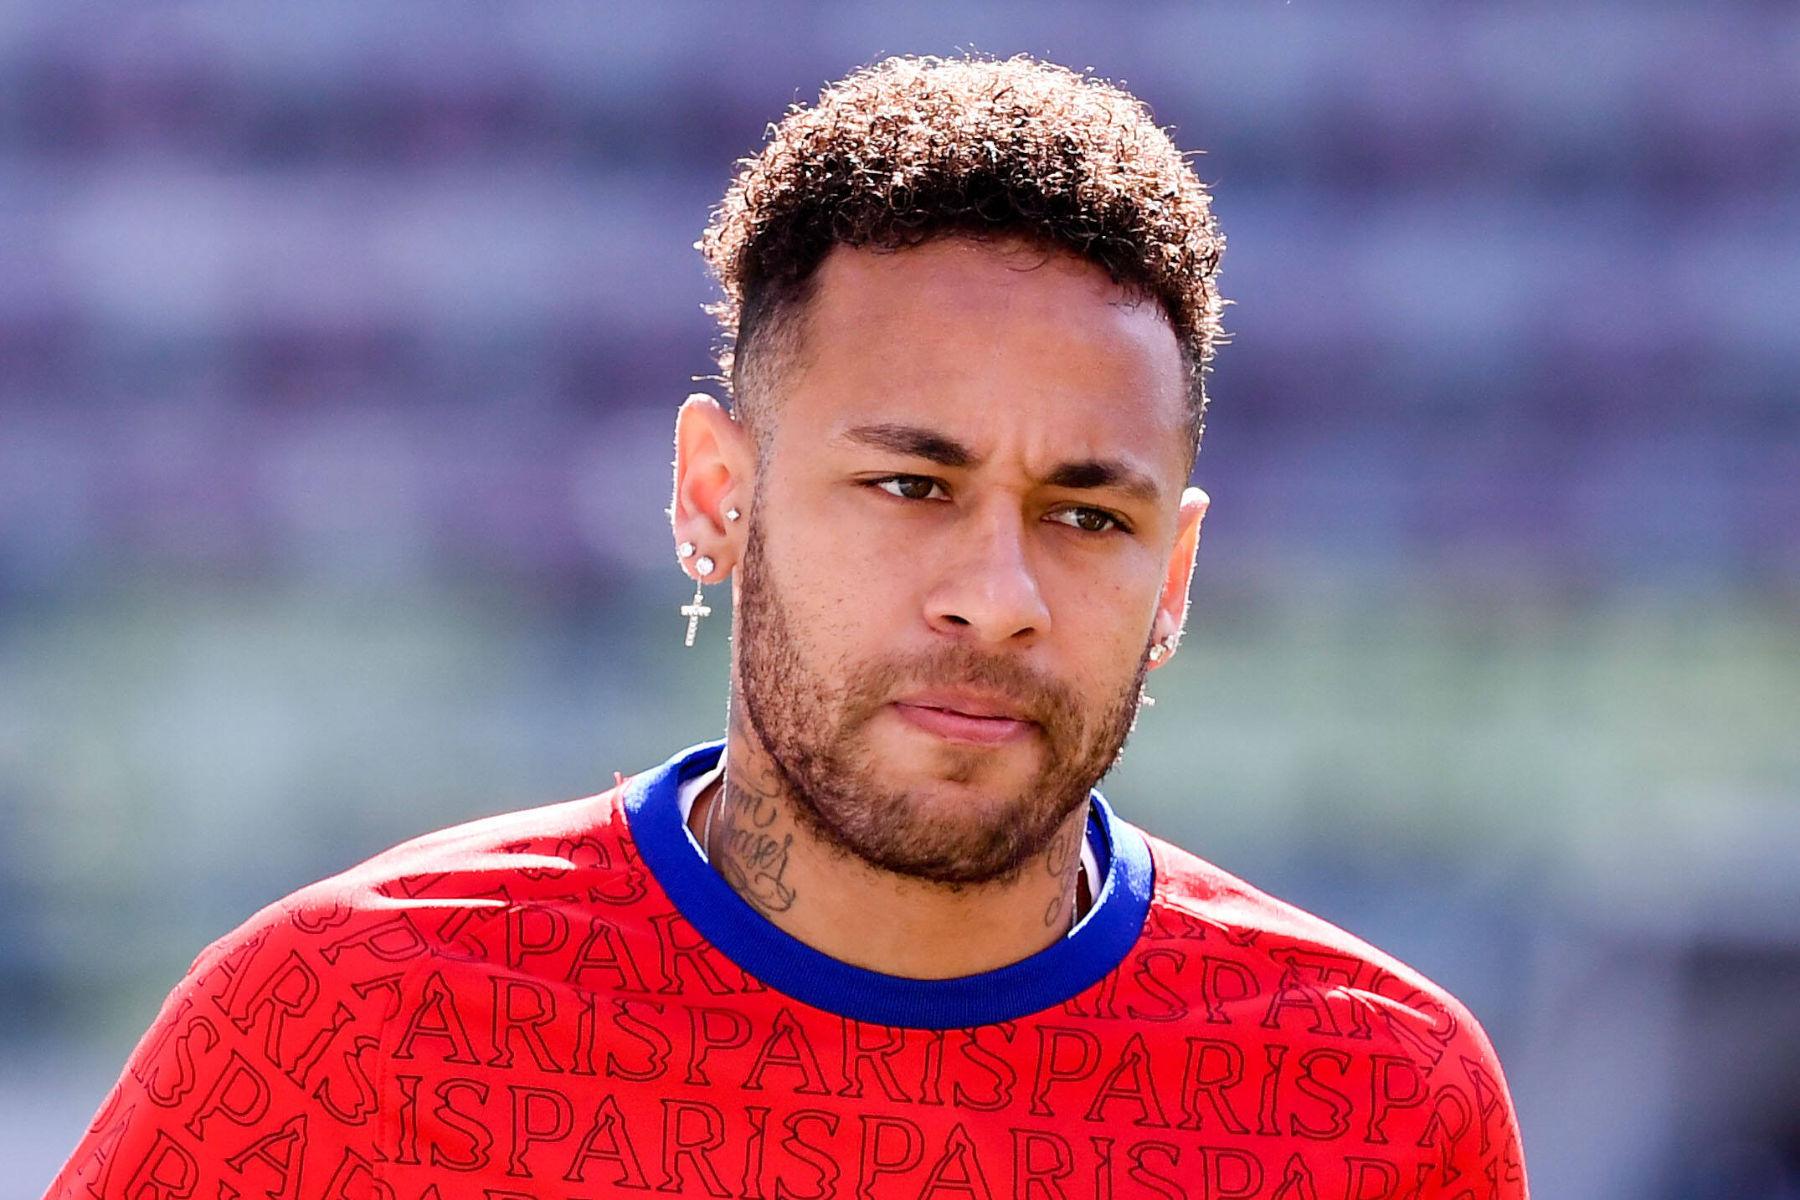 Nike cắt hợp đồng với Neymar vì cáo buộc tấn công tình dục - Bóng Đá